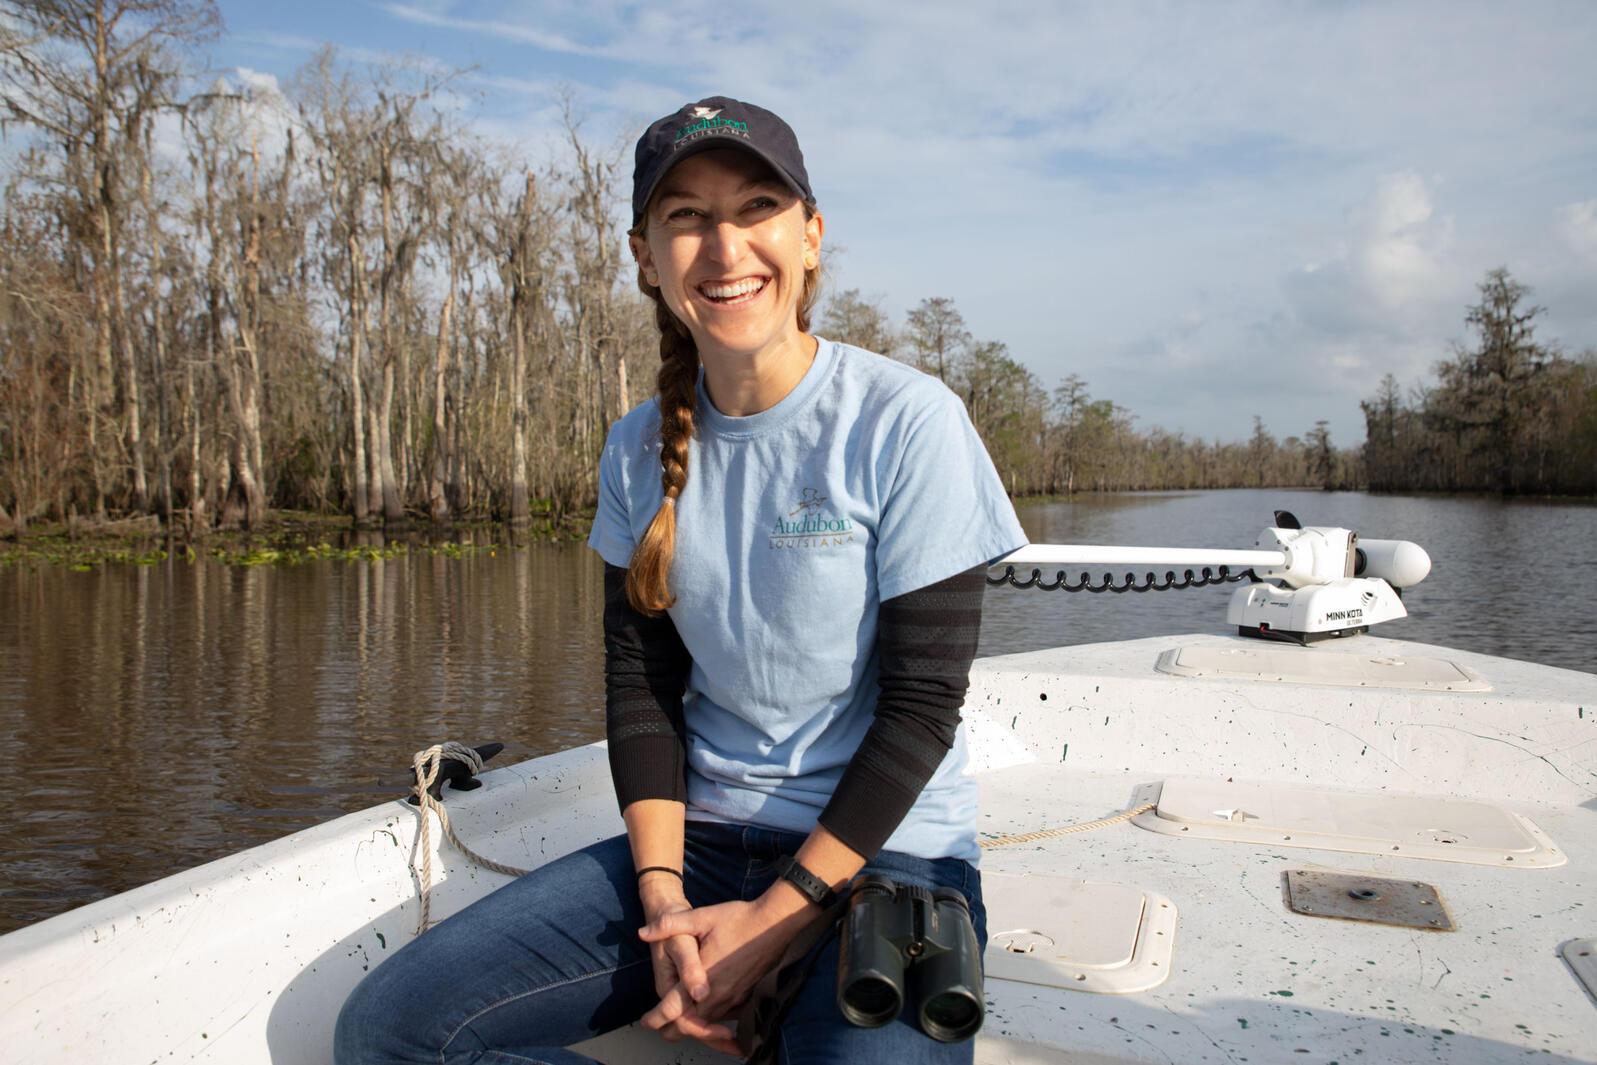 Katie Percy travels through Maurepas Swamp Wildlife Management Area in Laplace, Louisiana. Dominic Arenas/Audubon